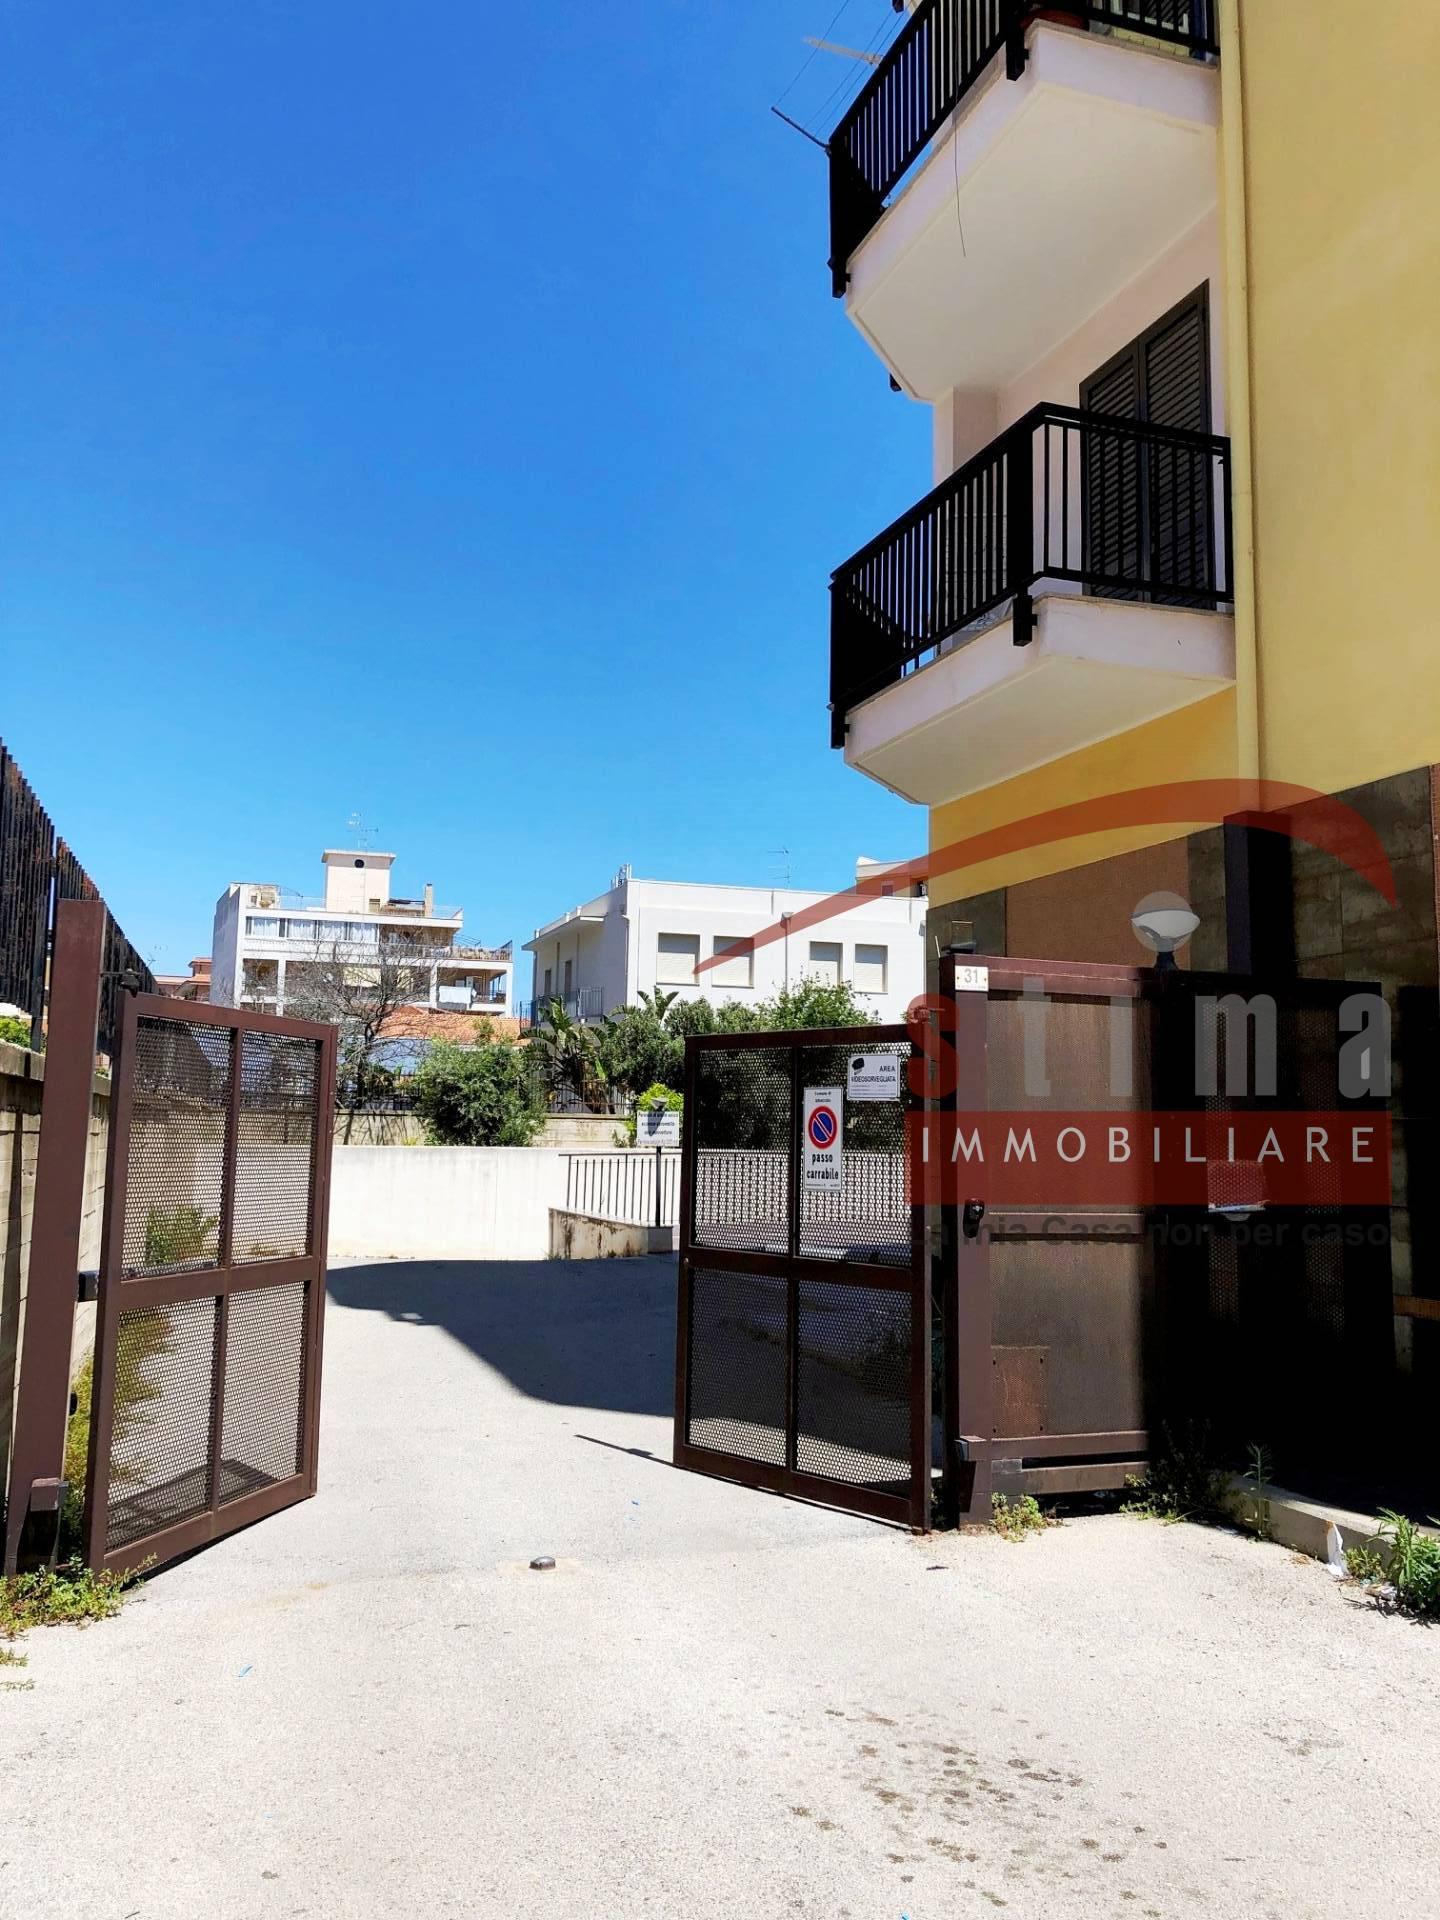 Box / Garage in vendita a Siracusa, 1 locali, zona Zona: Tica-tisia, prezzo € 32.000 | CambioCasa.it